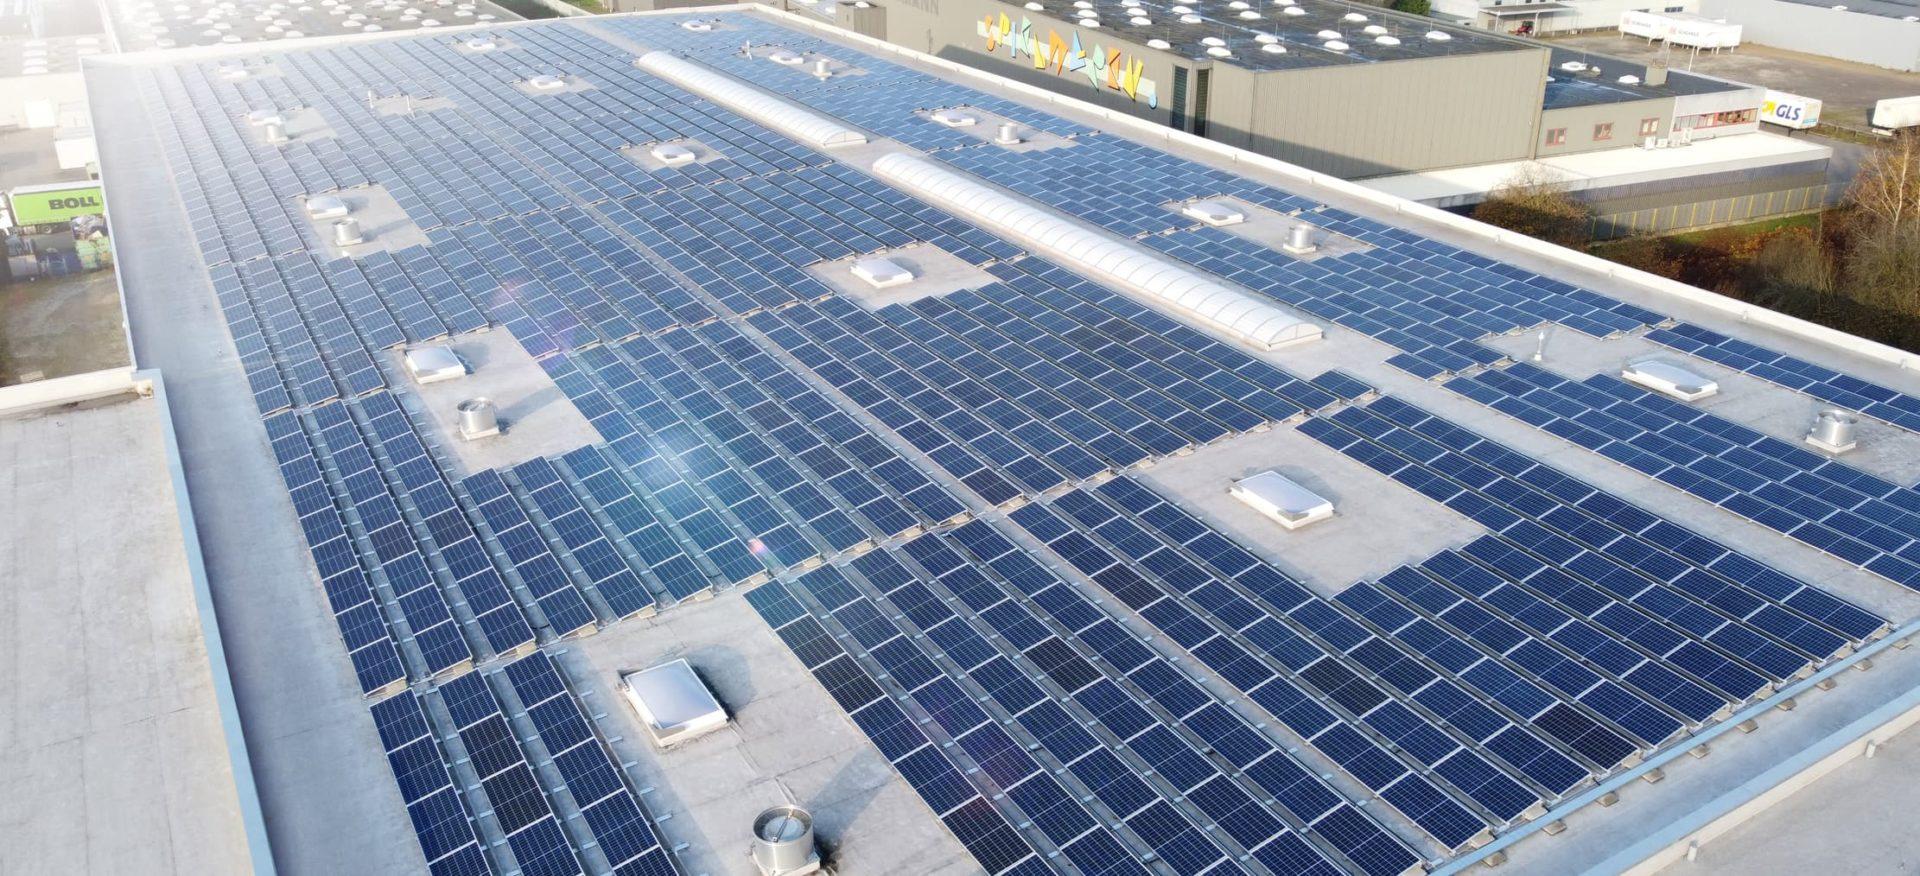 Solardach Bohnenkamp